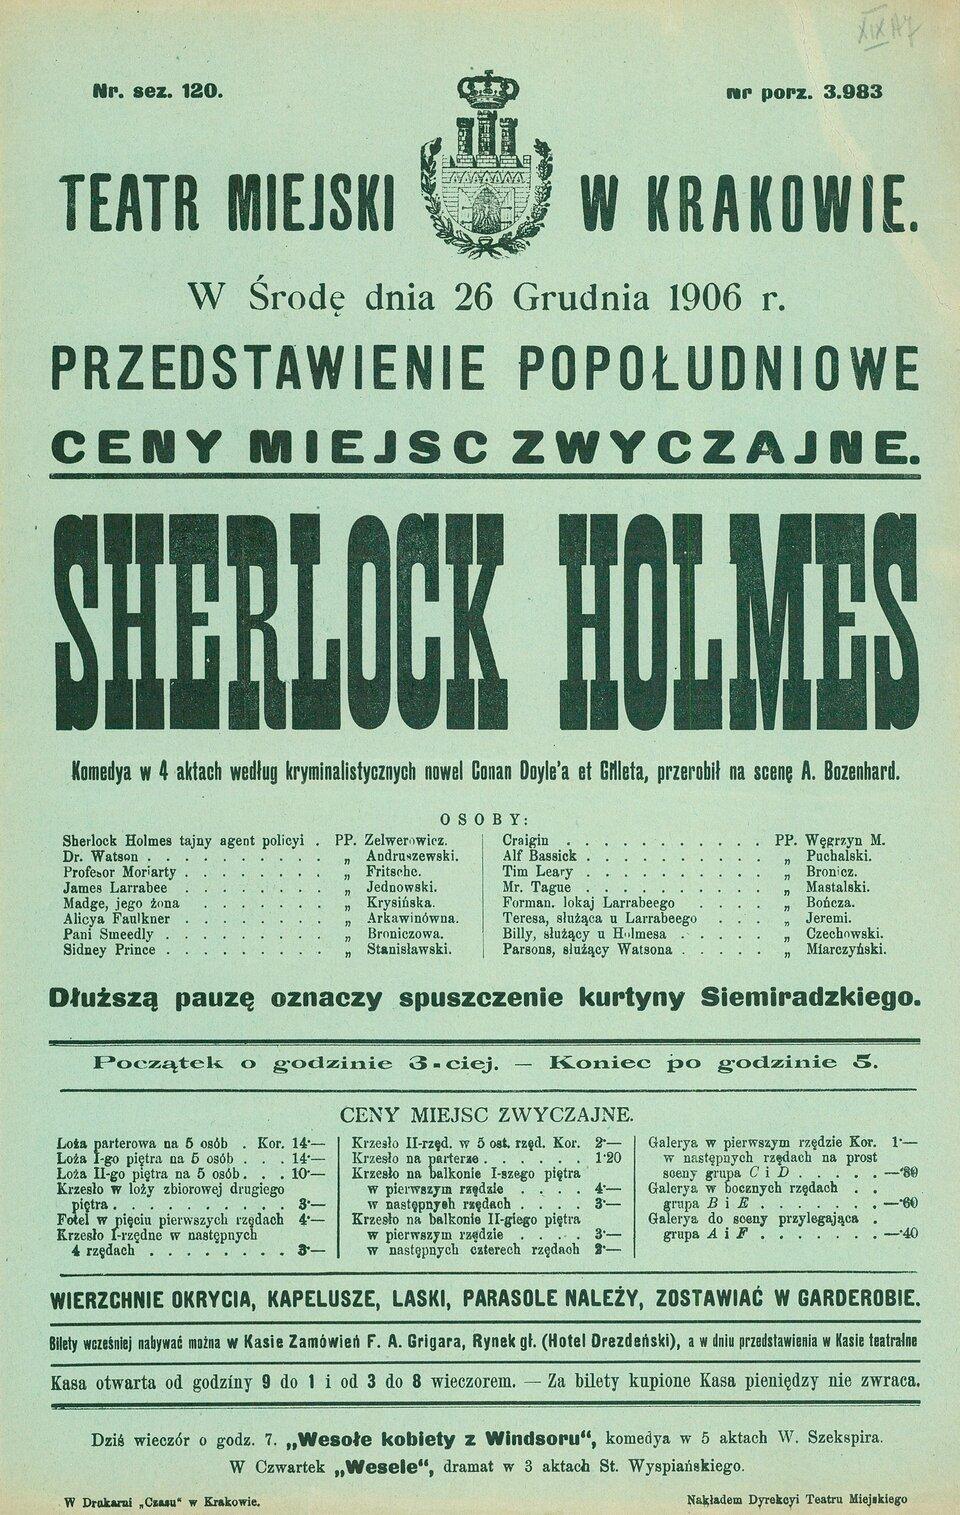 Afisz teatralny, Sherlock Holmes komedya w4 aktach według kryminalistycznych nowel Conan Doyle'a et Gilleta, przerobił na scenę A. Bozenhard [...]. Afisz teatralny, Sherlock Holmes komedya w4 aktach według kryminalistycznych nowel Conan Doyle'a et Gilleta, przerobił na scenę A. Bozenhard [...]. Źródło: Kraków 1906, domena publiczna.